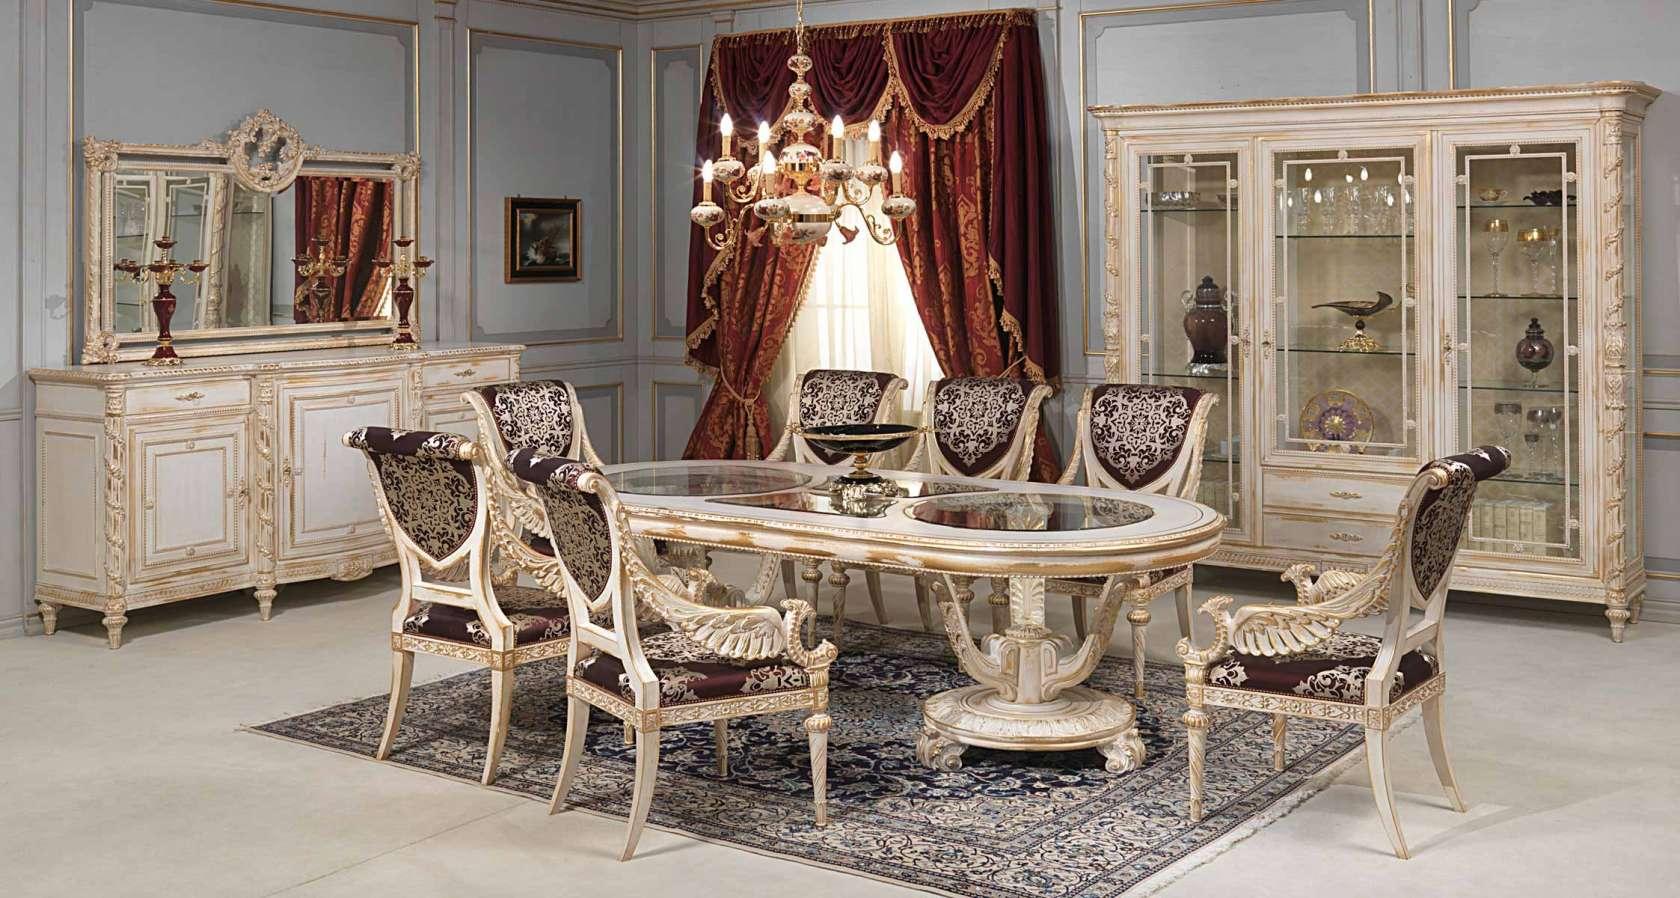 Sala Da Pranzo In Stile Luigi XVI #8F5D3C 1680 898 Sala Da Pranzo In Stile Barocco